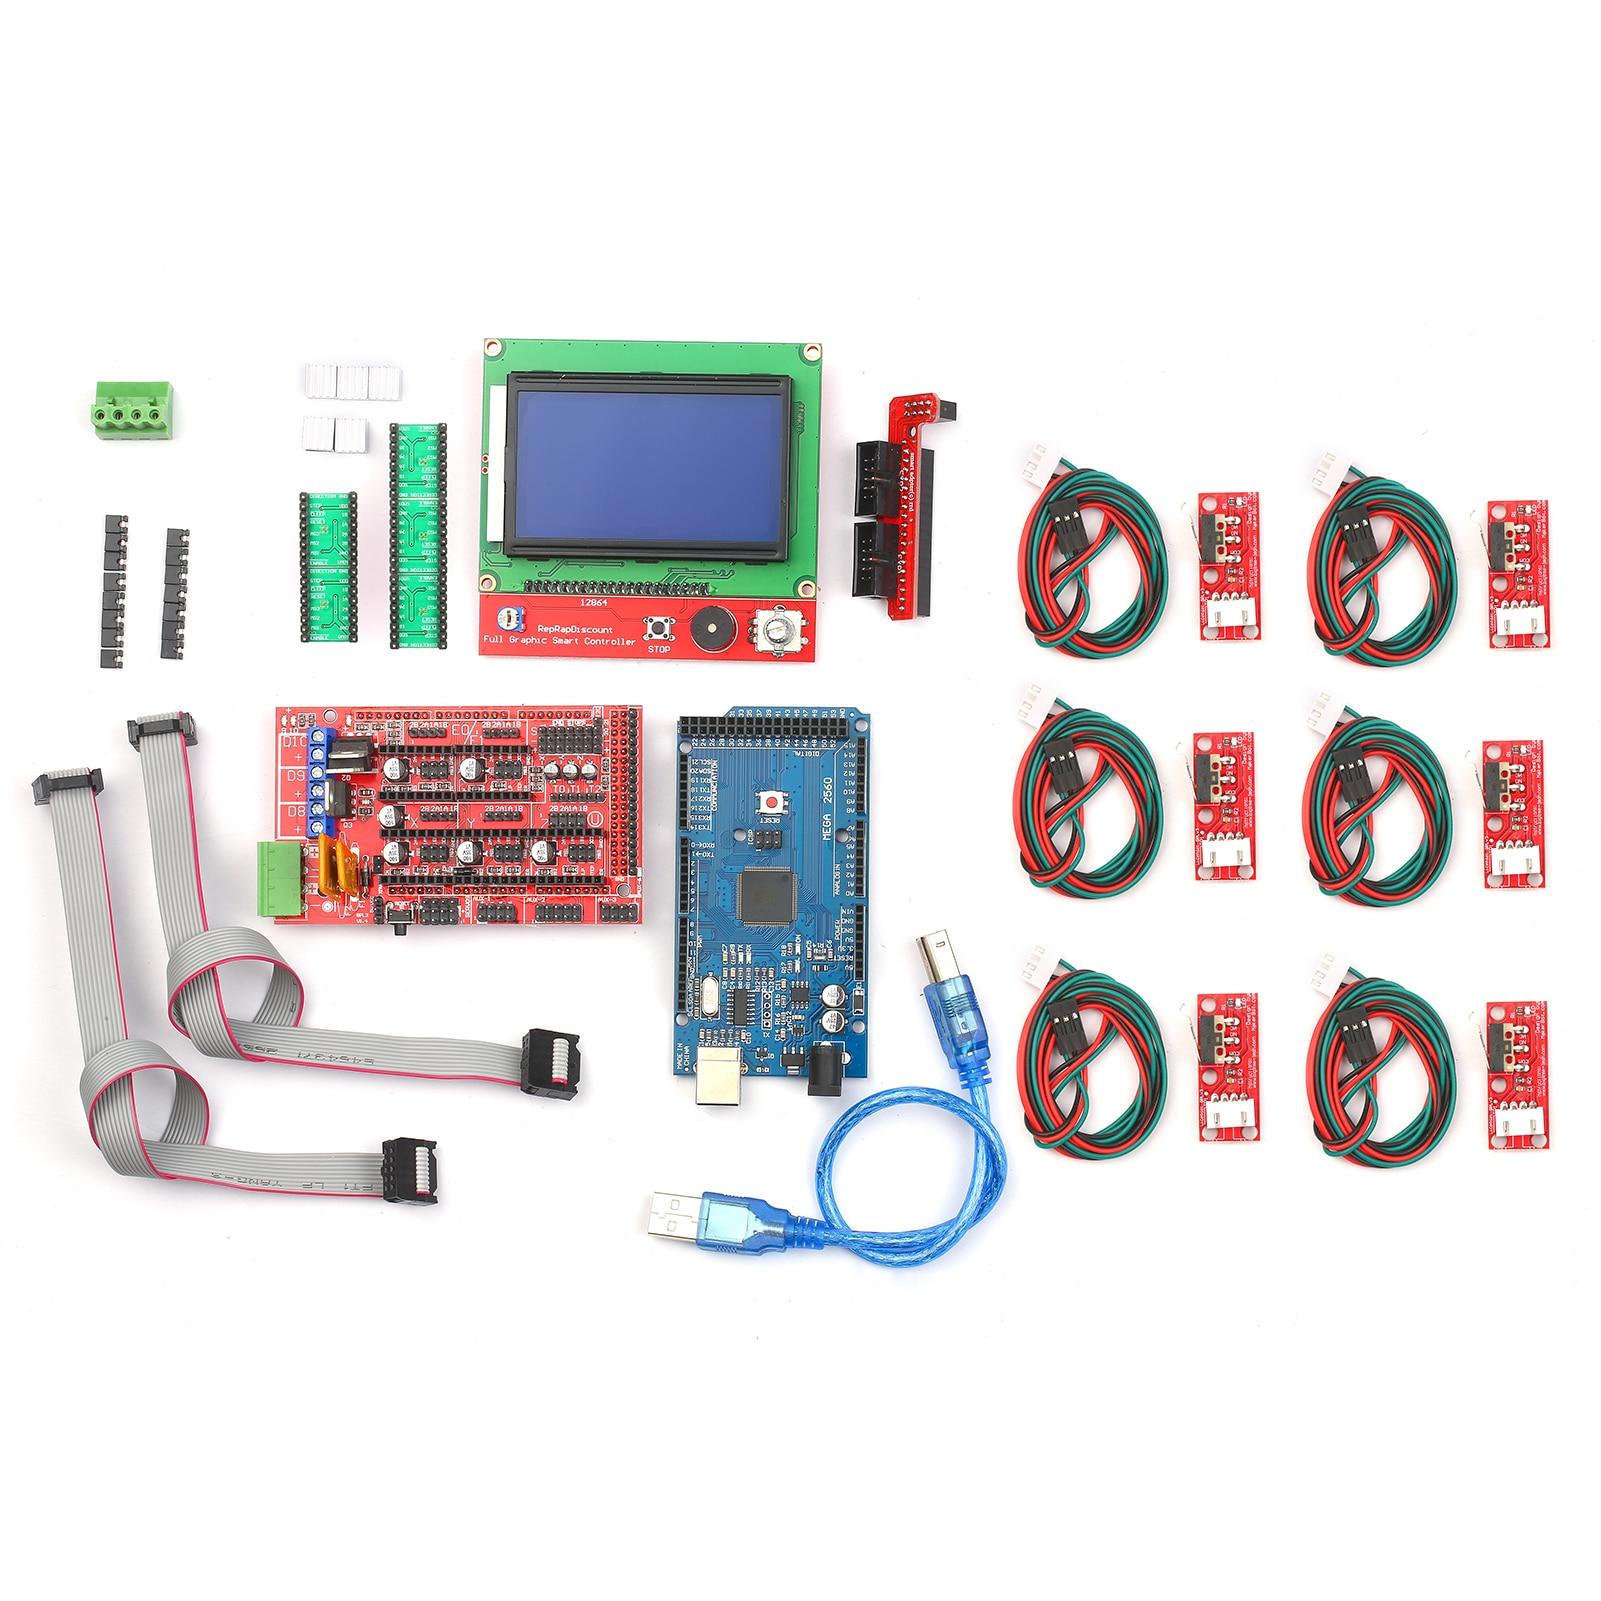 Controlador de Impressora 3d com Rampas Controlador Placa Controle A4988 Driver Motor Passo 12864 Gráfico Kit Cnc 1.4 2560